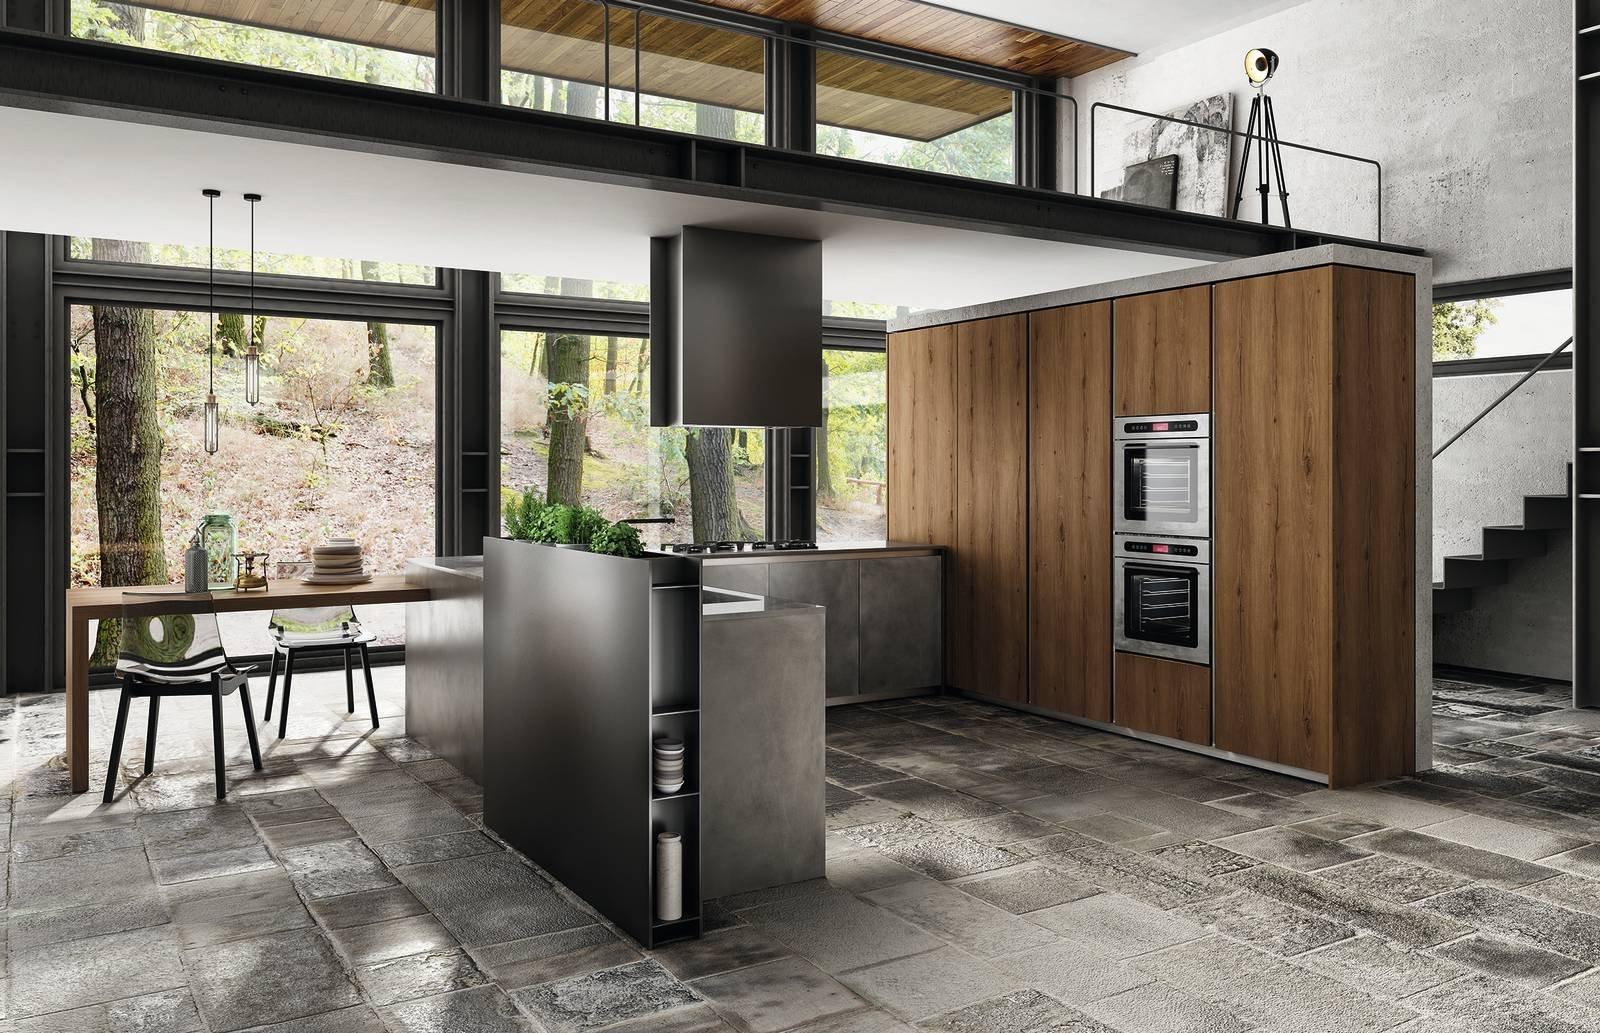 Cucine industriali scegliere i mobili le lampade le for Cucine industriali